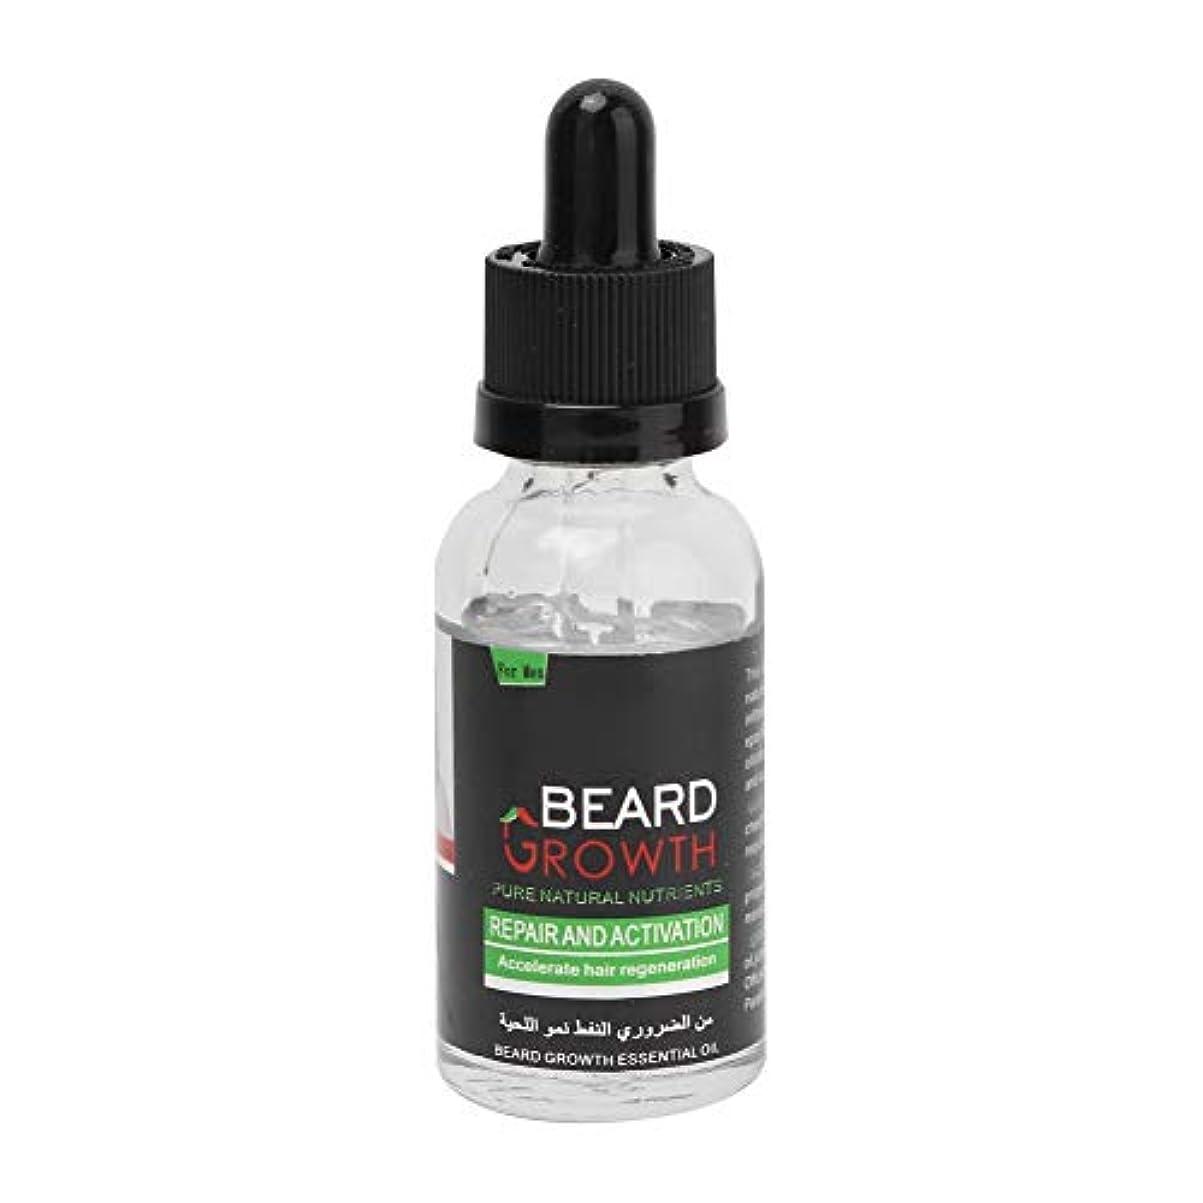 40ミリリットルひげケアオイル、男性ひげオイルひげソフト栄養モイスチャライジングバームひげケアオイル